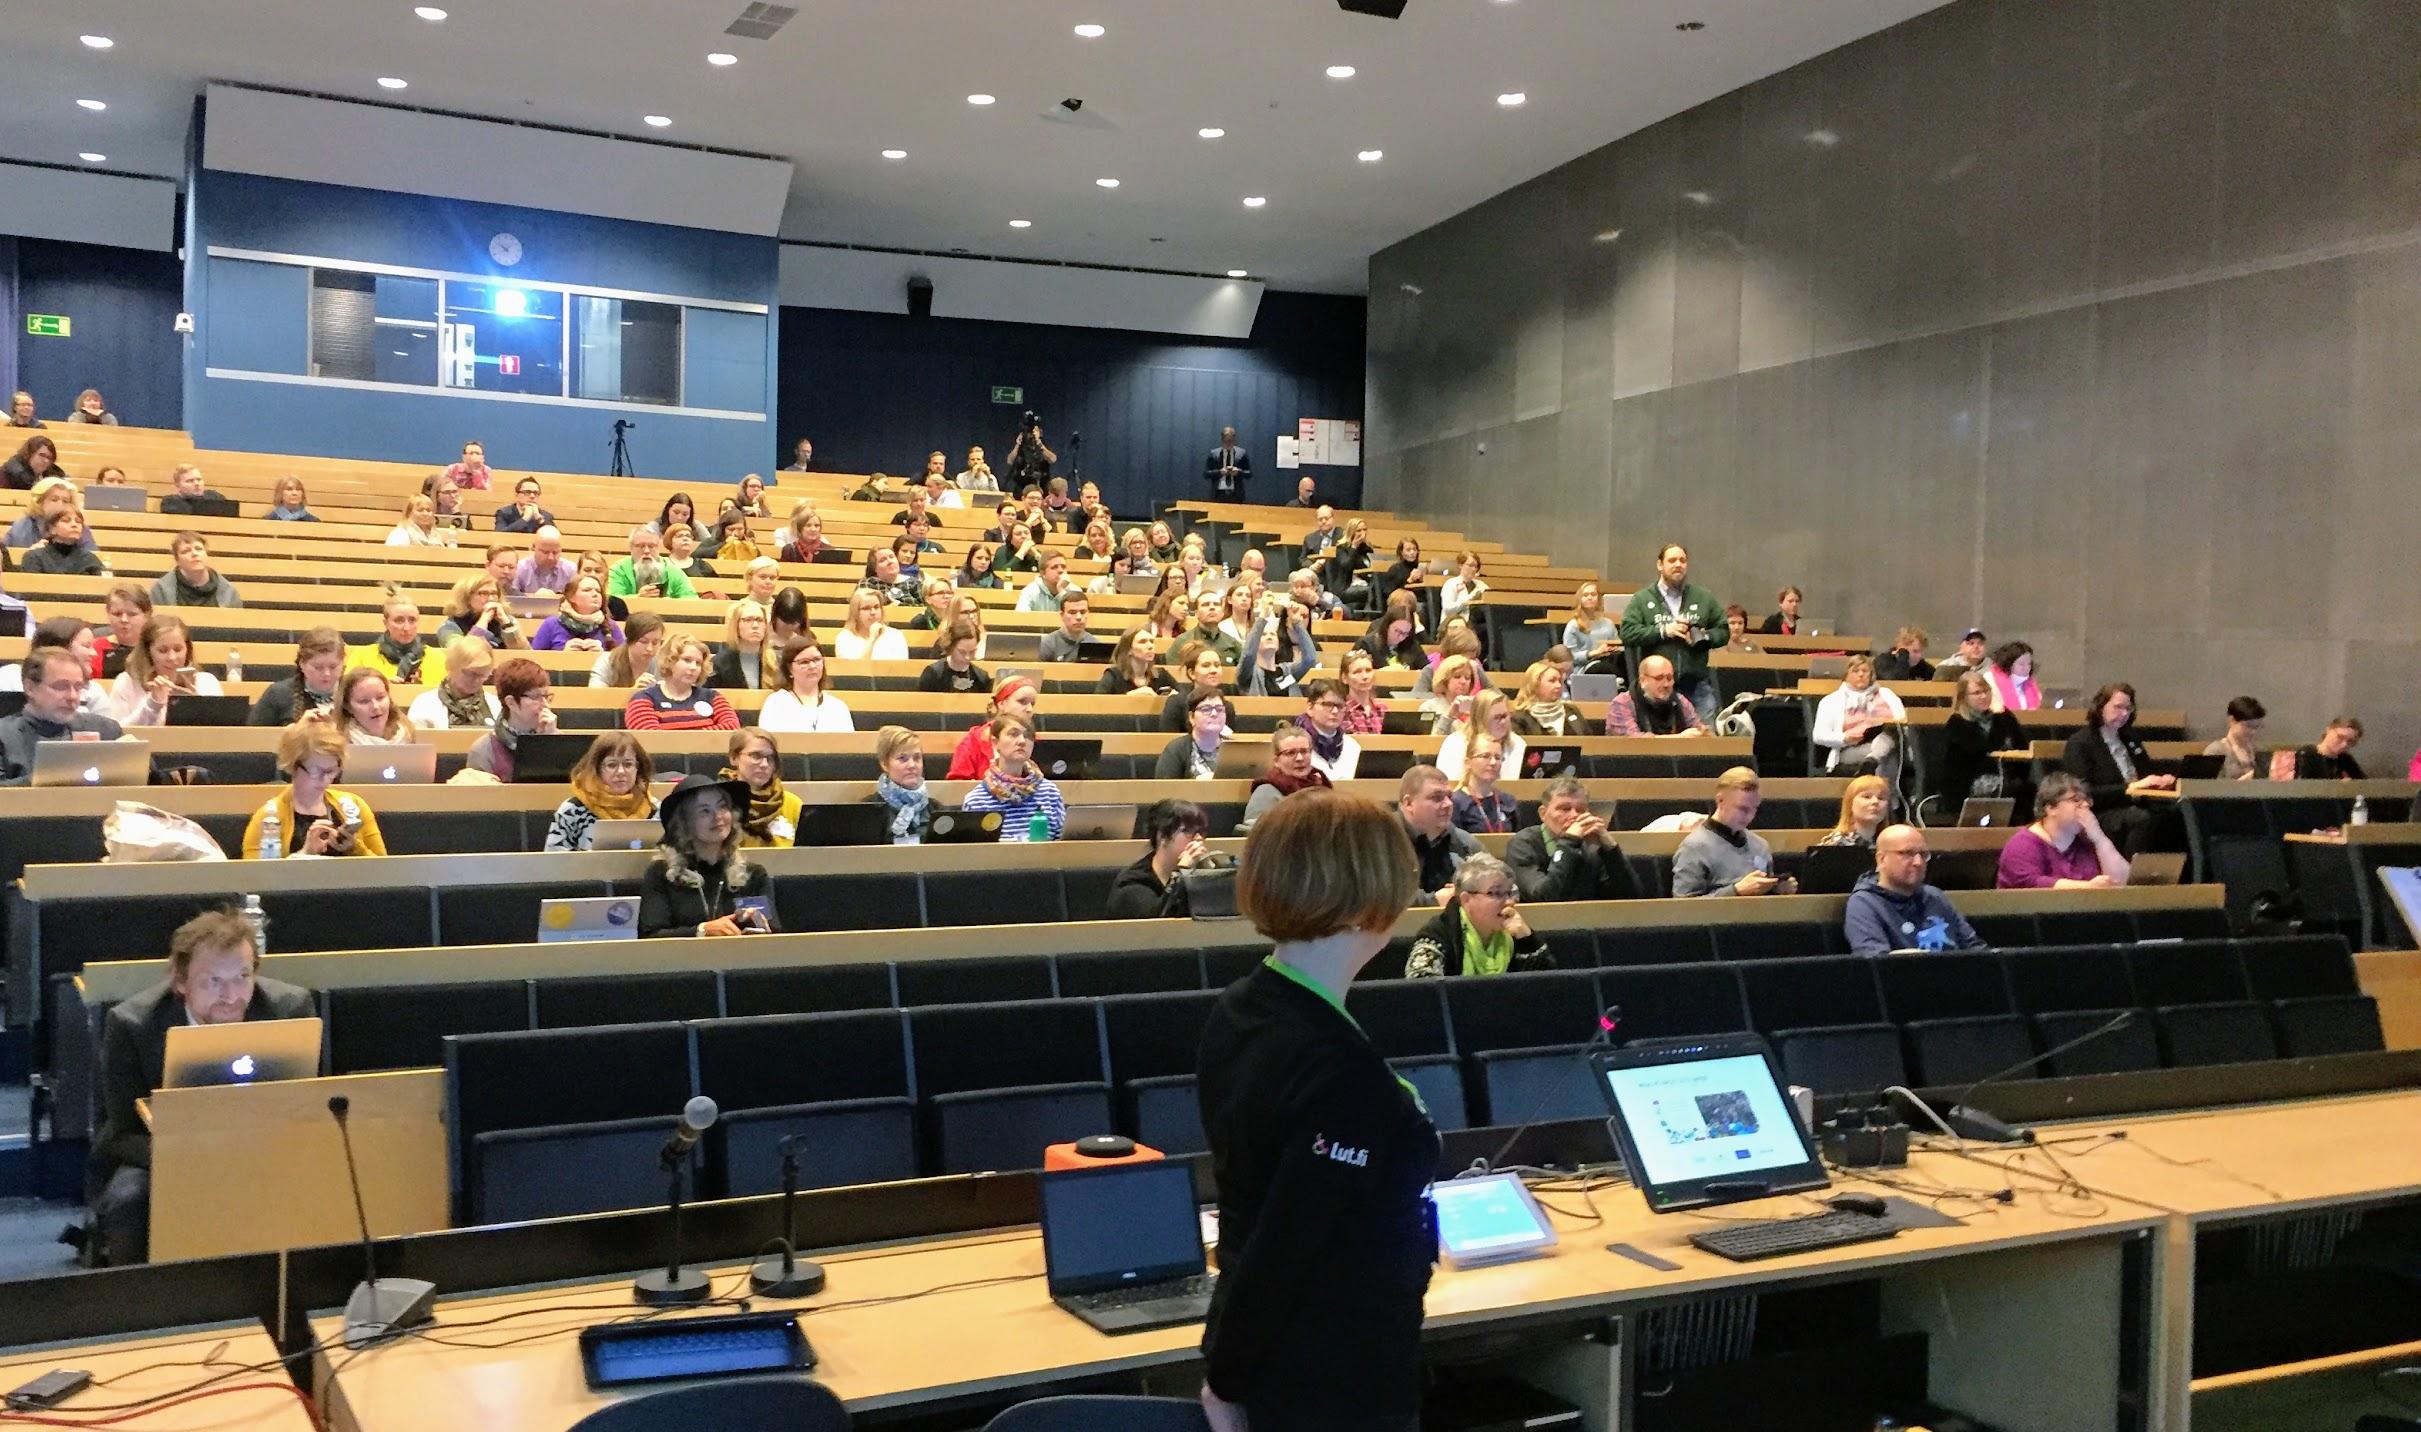 Yleisöä CMADFI 2018 Lappeenrannan teknillinen yliopisto Kuva TW